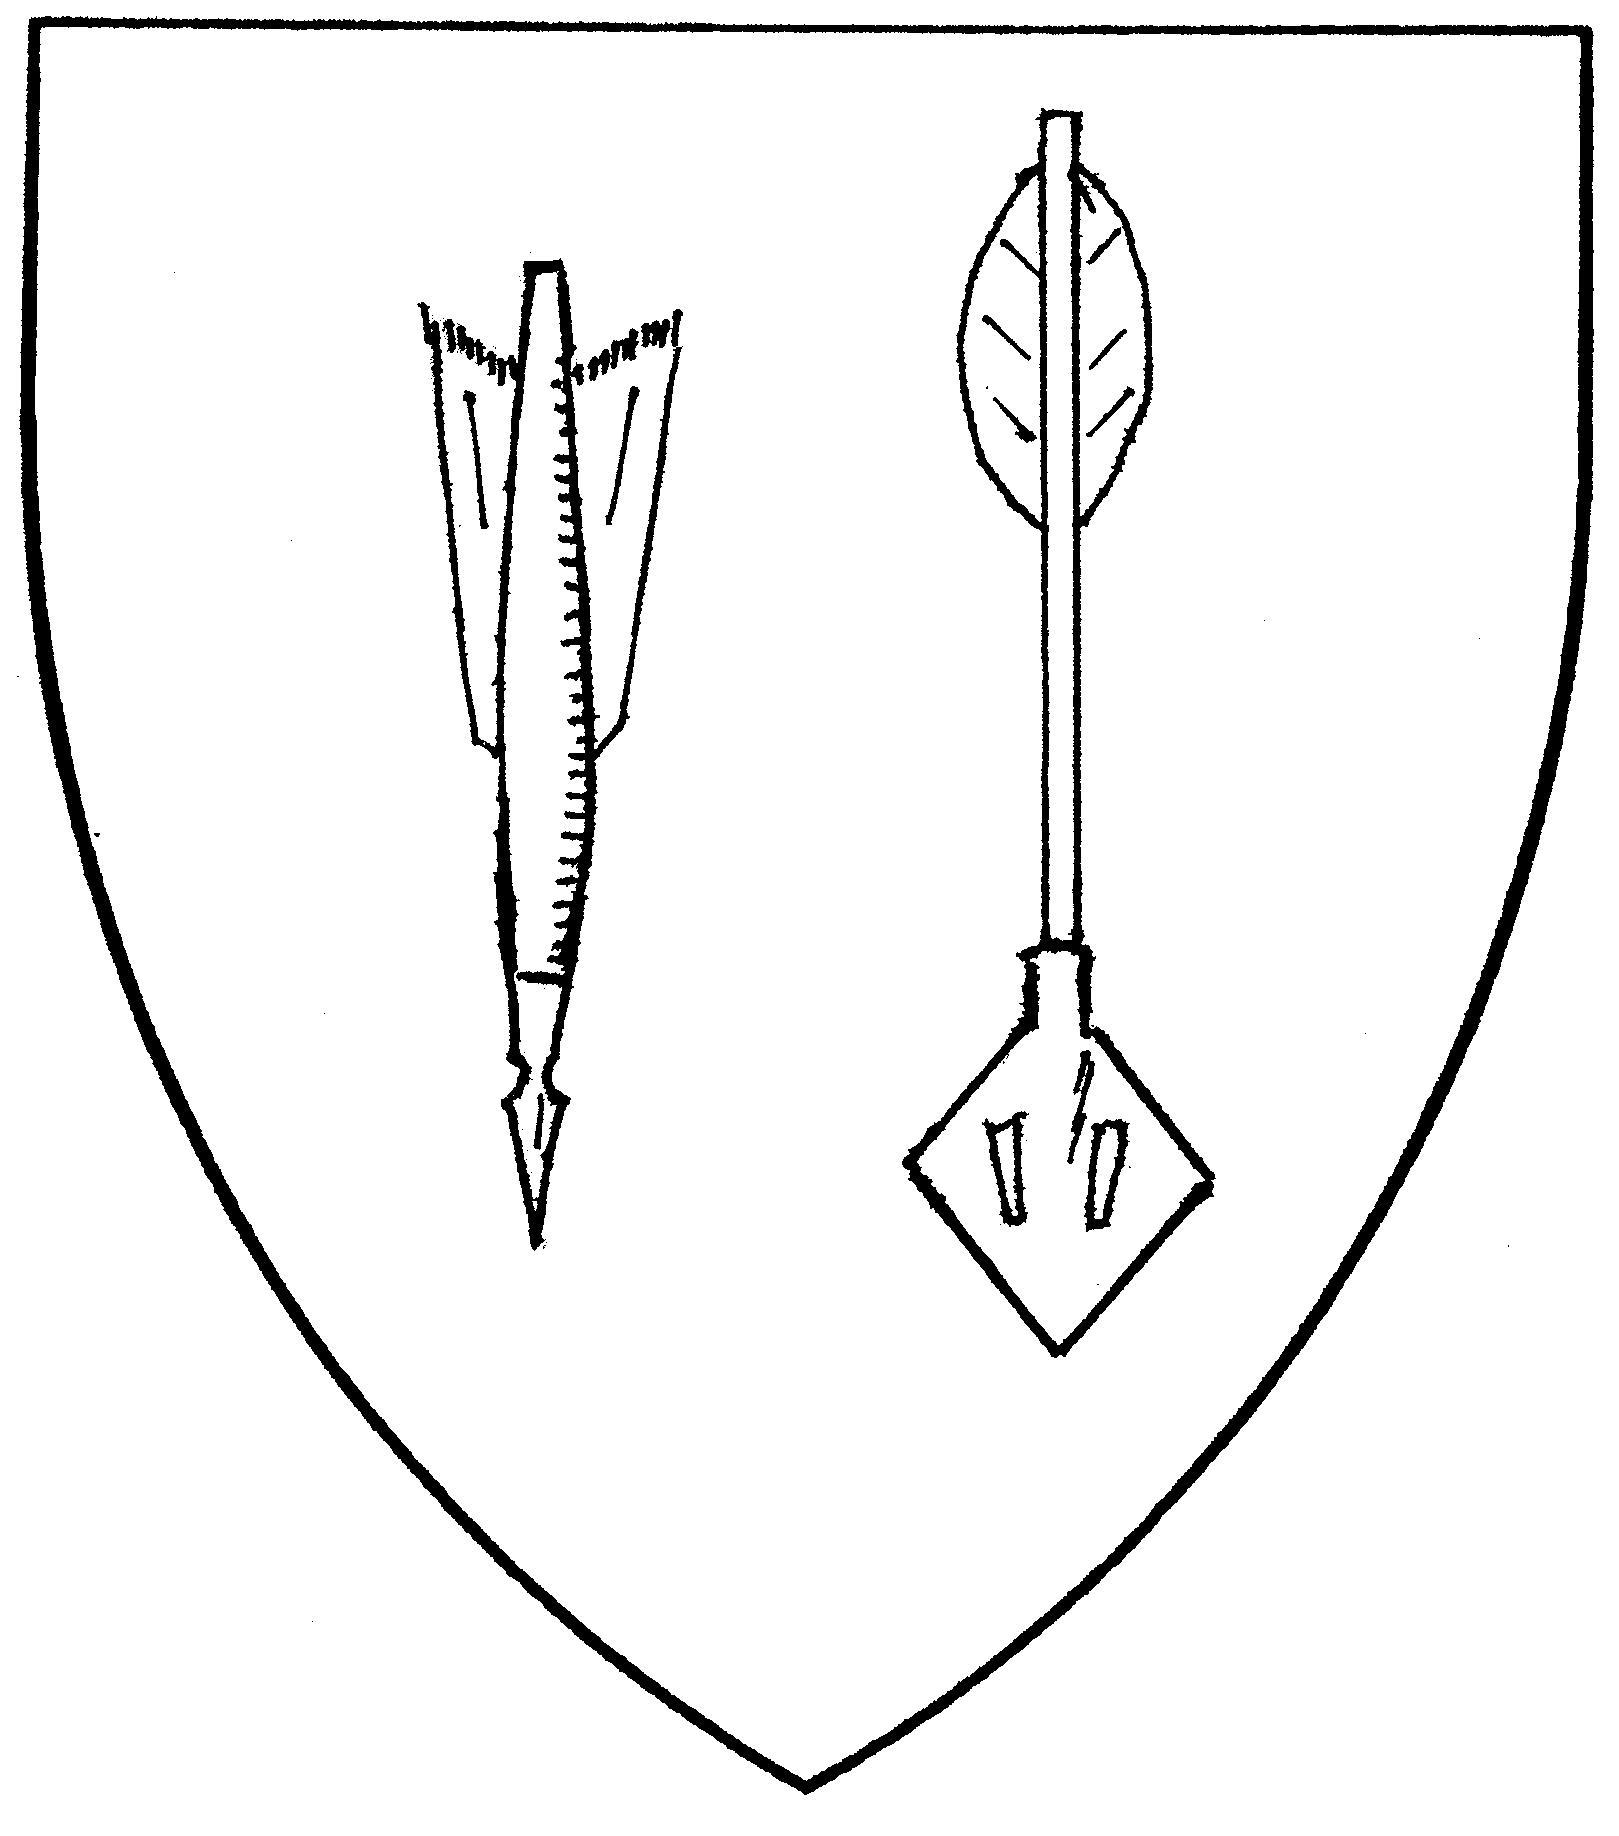 1619x1836 Arrow Arrowhead Mistholme